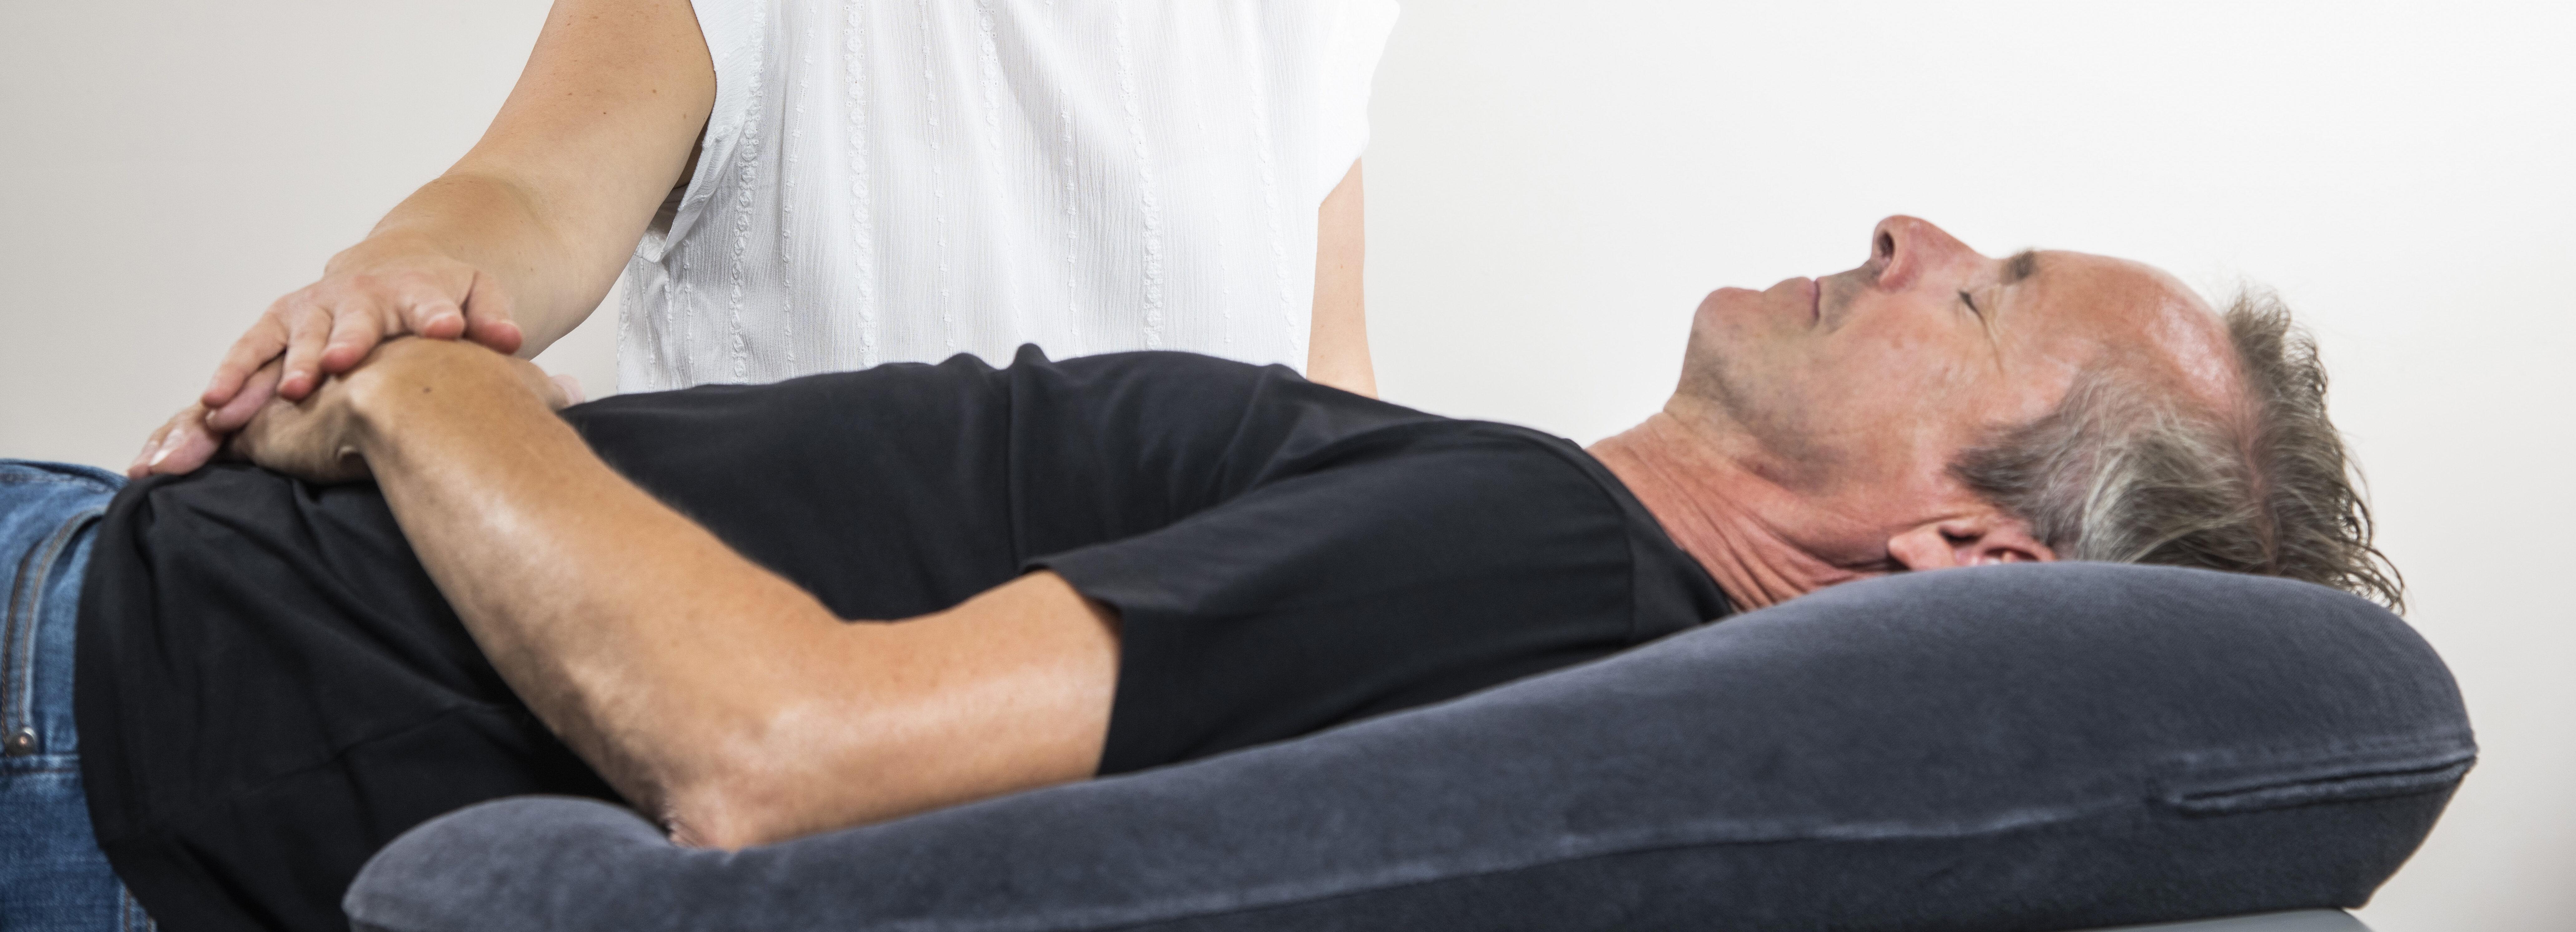 Relaxatietherapie